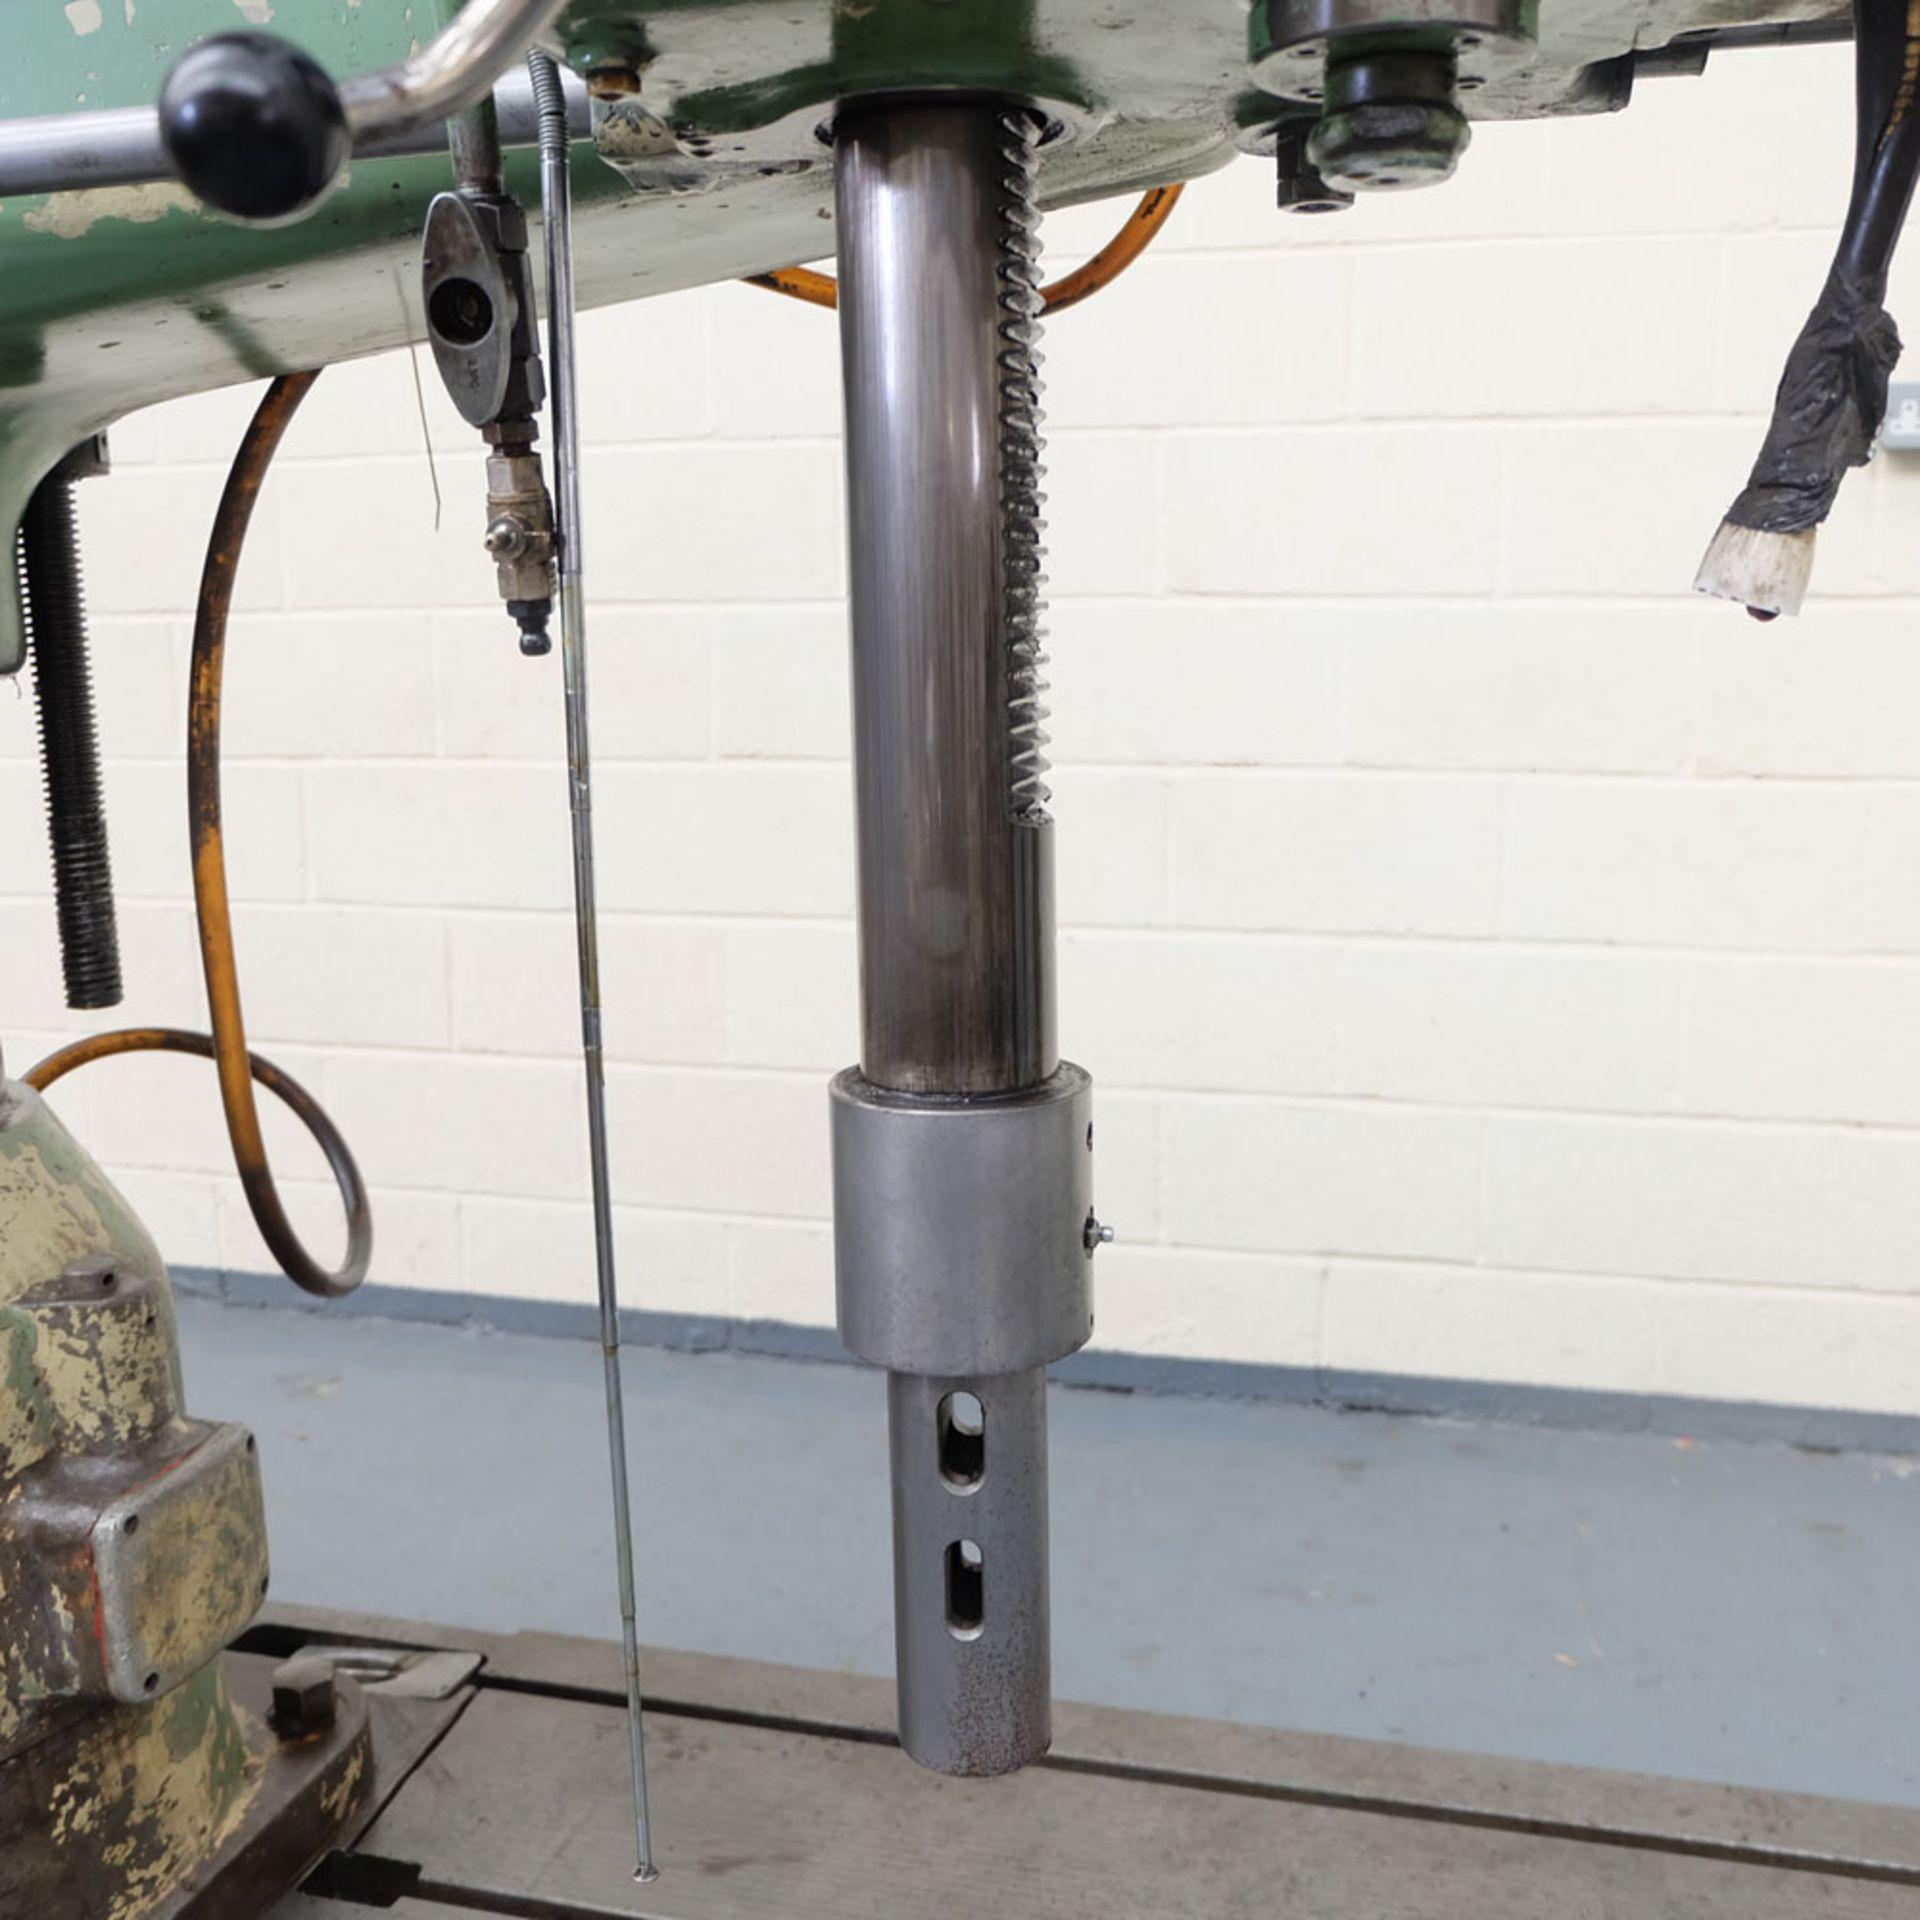 Kitchen-Walker Model E50-1400 4 1/2 FT Radial Alarm Drill. - Image 11 of 16